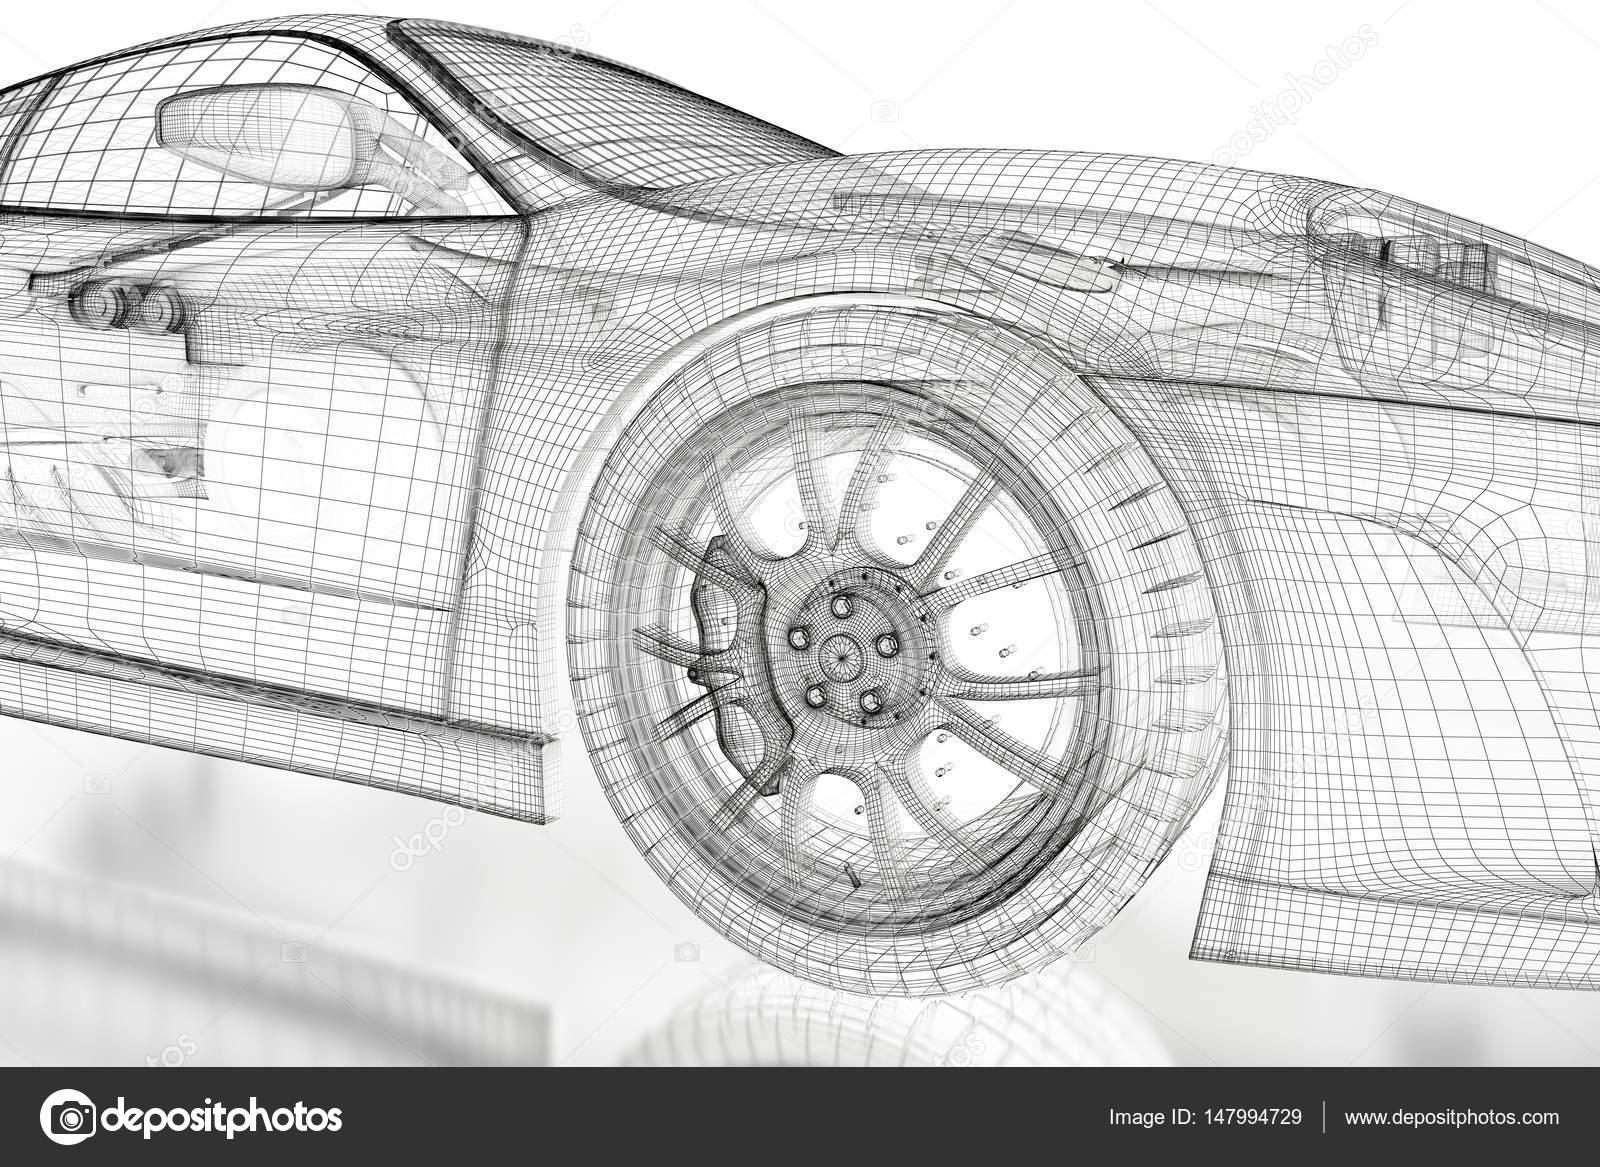 3D Auto-Netz auf ein weißes — Stockfoto © Shtanzman #147994729